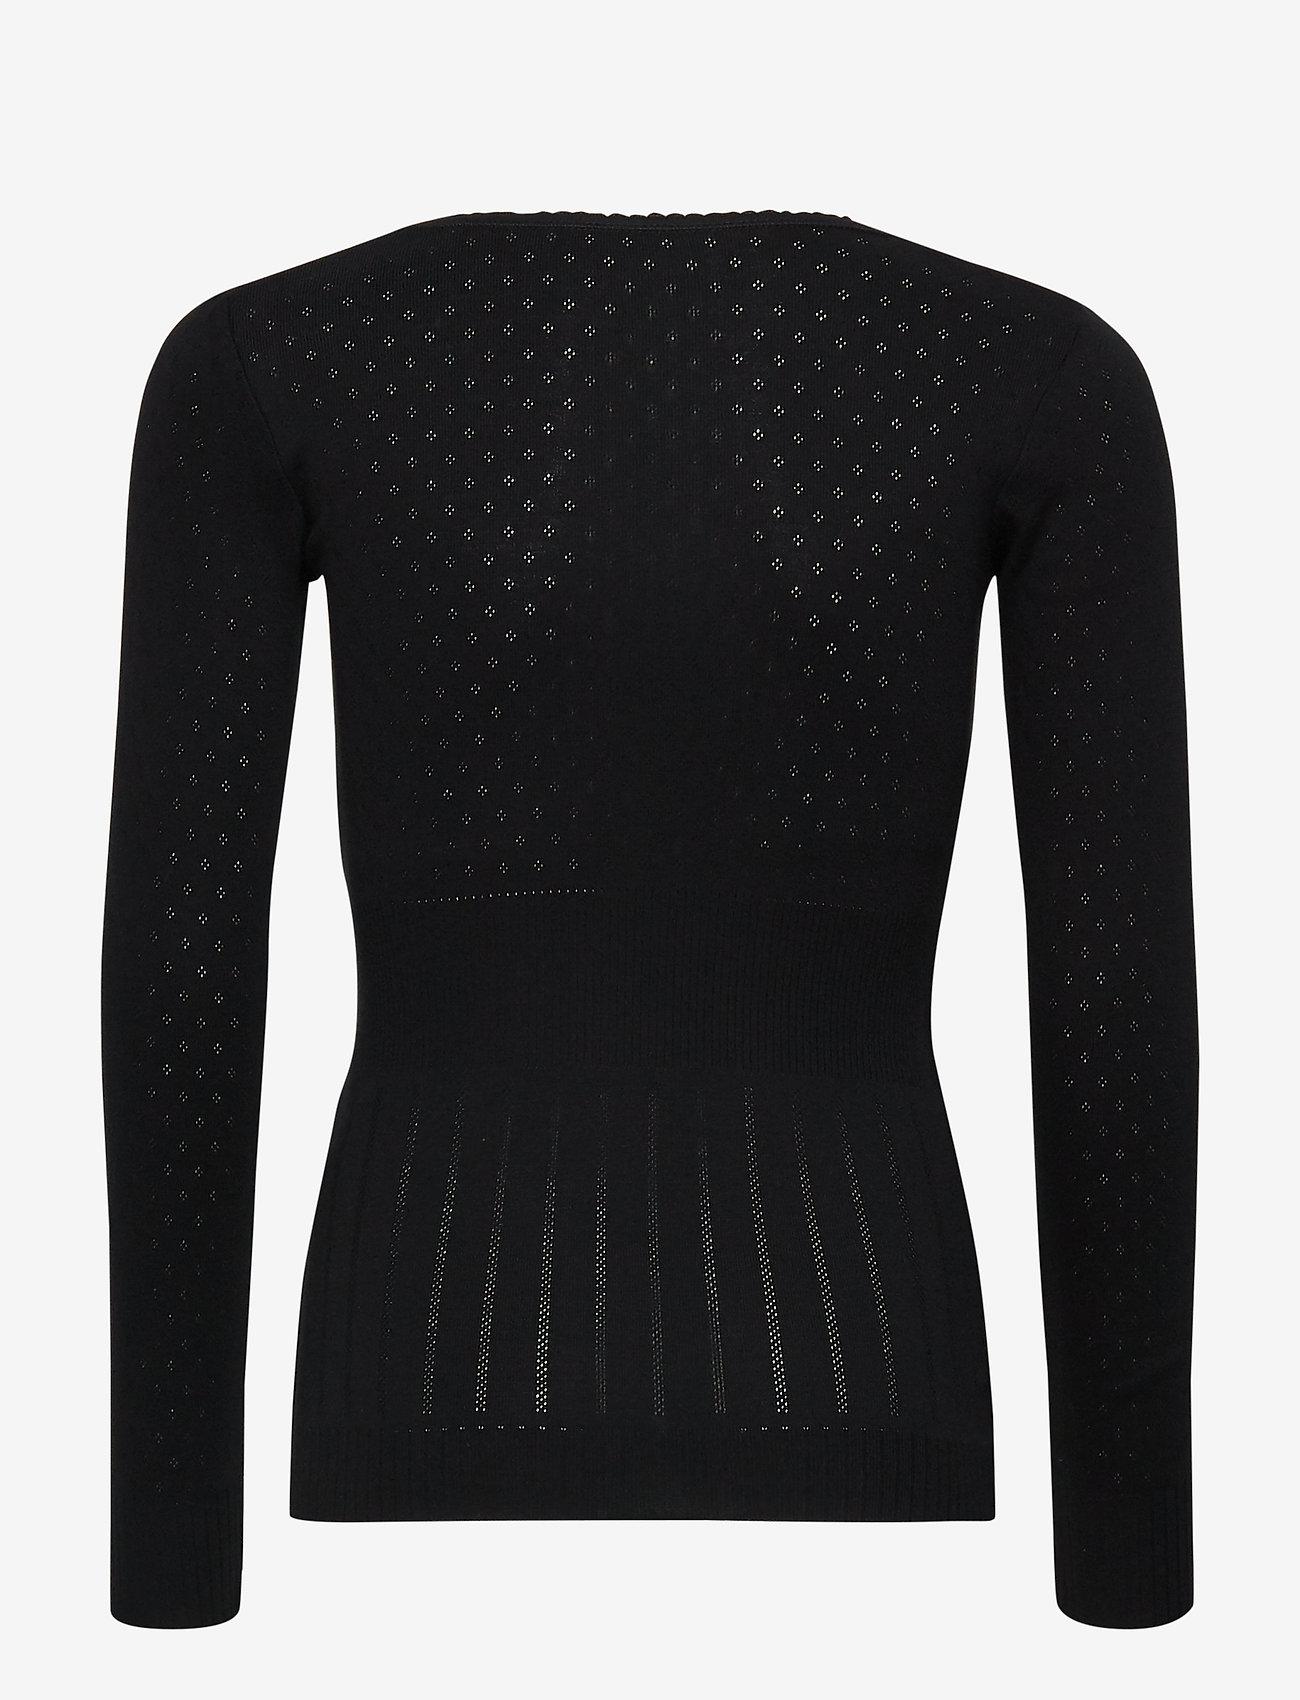 Noa Noa Miniature - T-shirt - long-sleeved t-shirts - black - 1